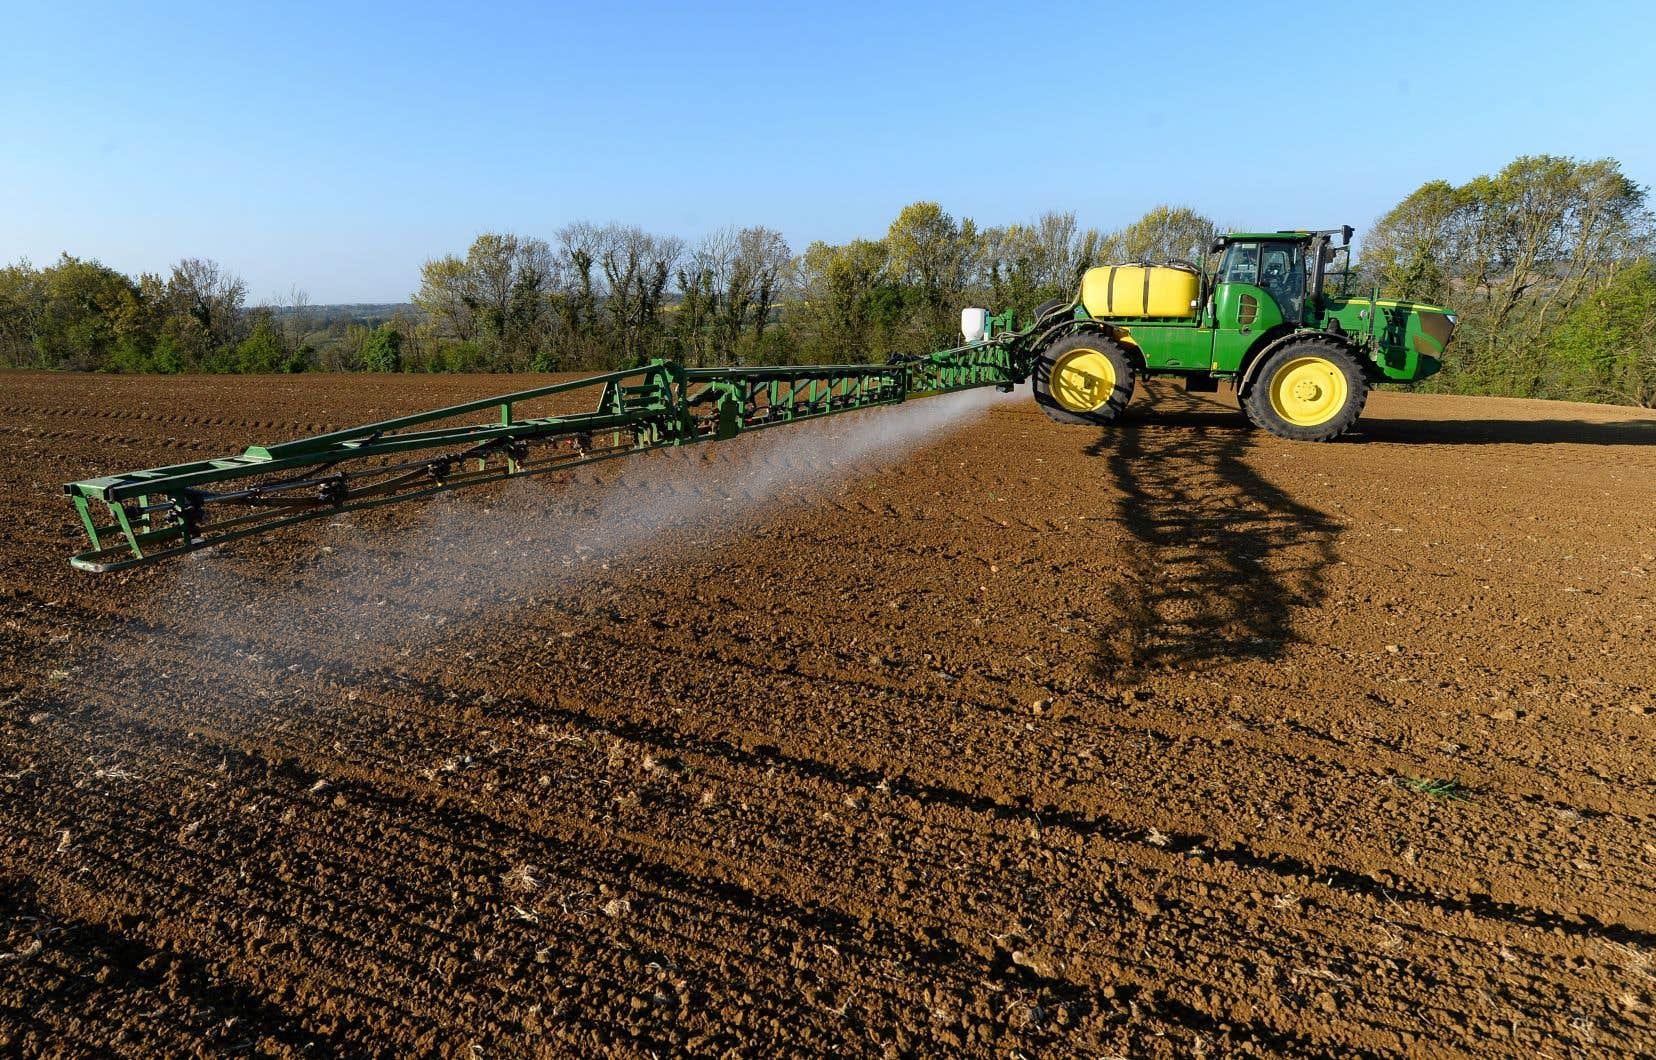 Le rachat en 2018 de l'agrochimiste américain Monsanto, producteur de l'herbicide Roundup accusé d'être cancérogène, a envoyé Bayer dans une salve de procédures judiciaires aux États-Unis.